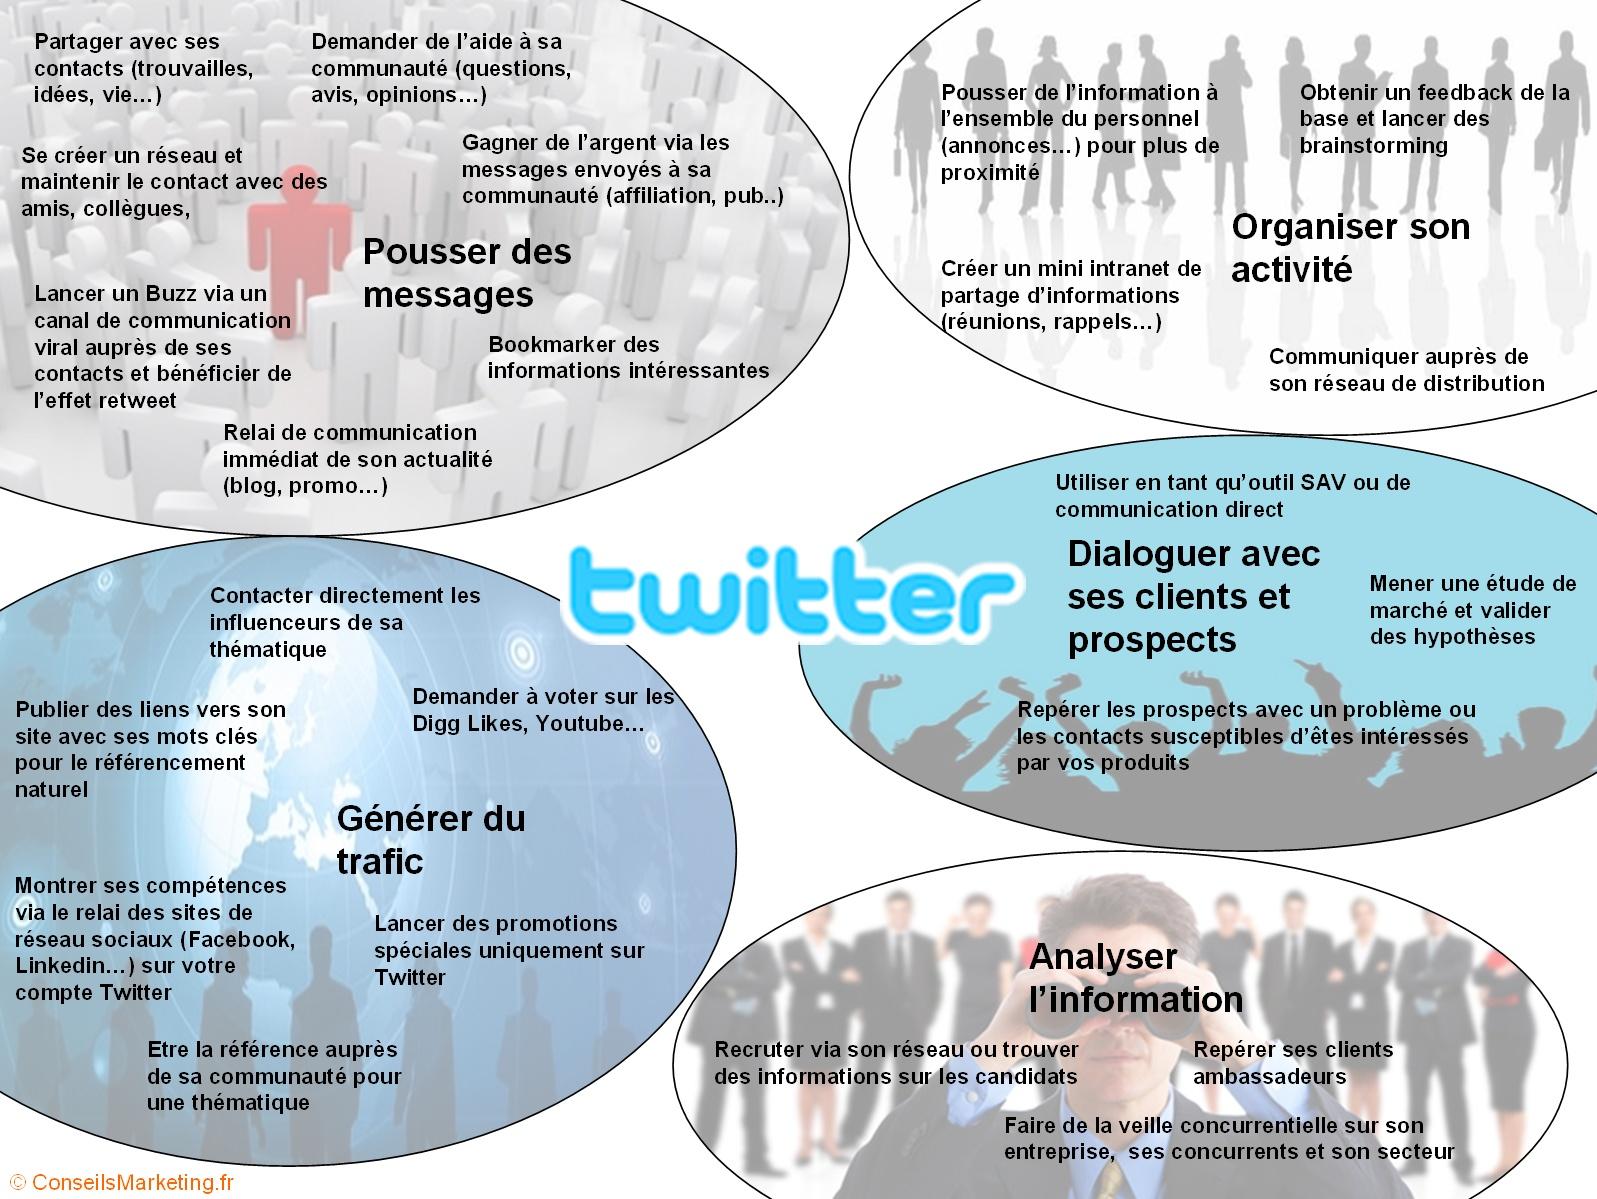 source : http://www.knowtex.com/nav/tous-les-usages-de-twitter-resumes-en-1-image_1565